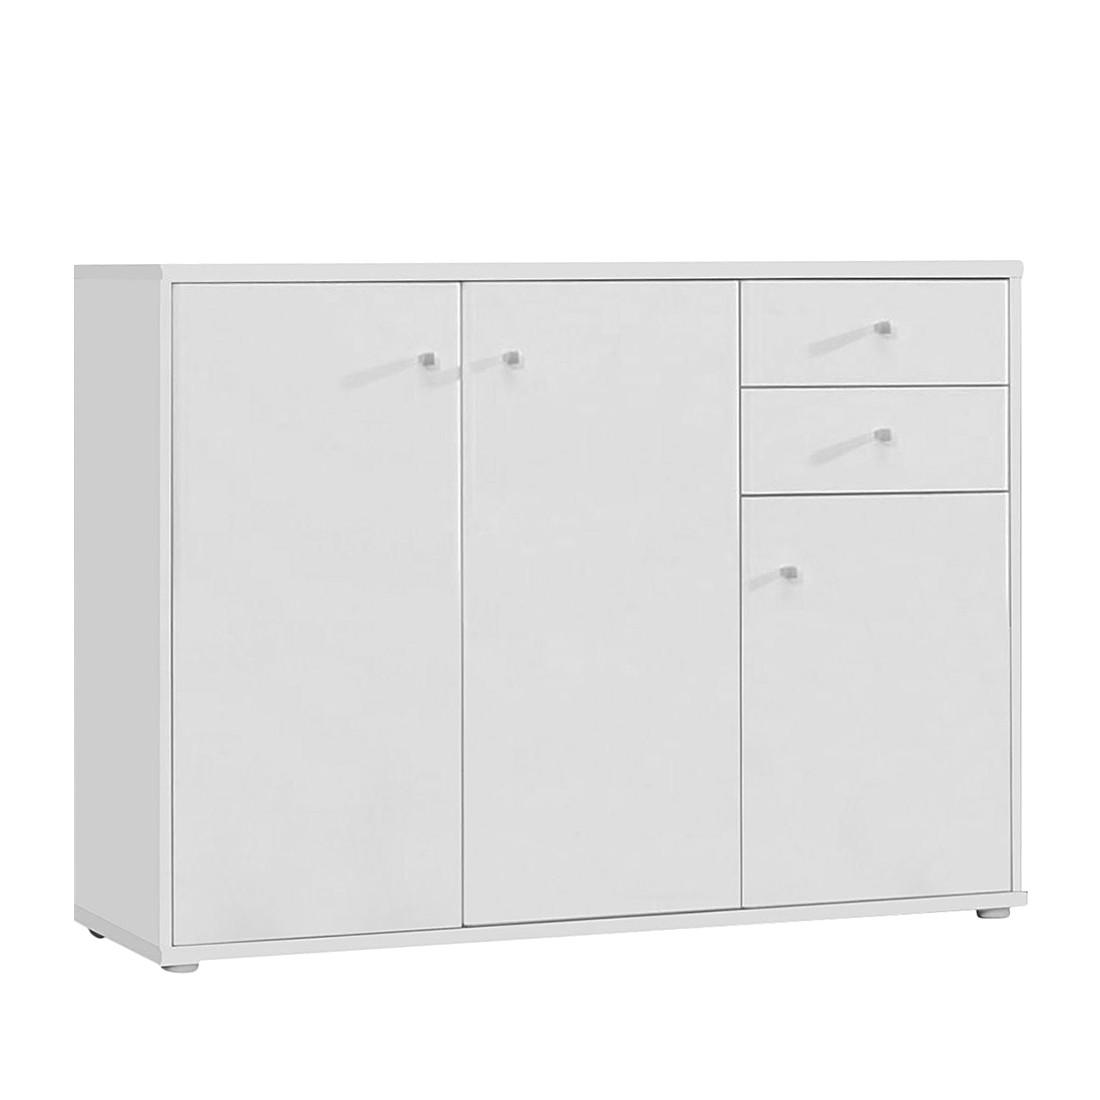 Kommode Baseline VII – Weiß, mooved günstig kaufen